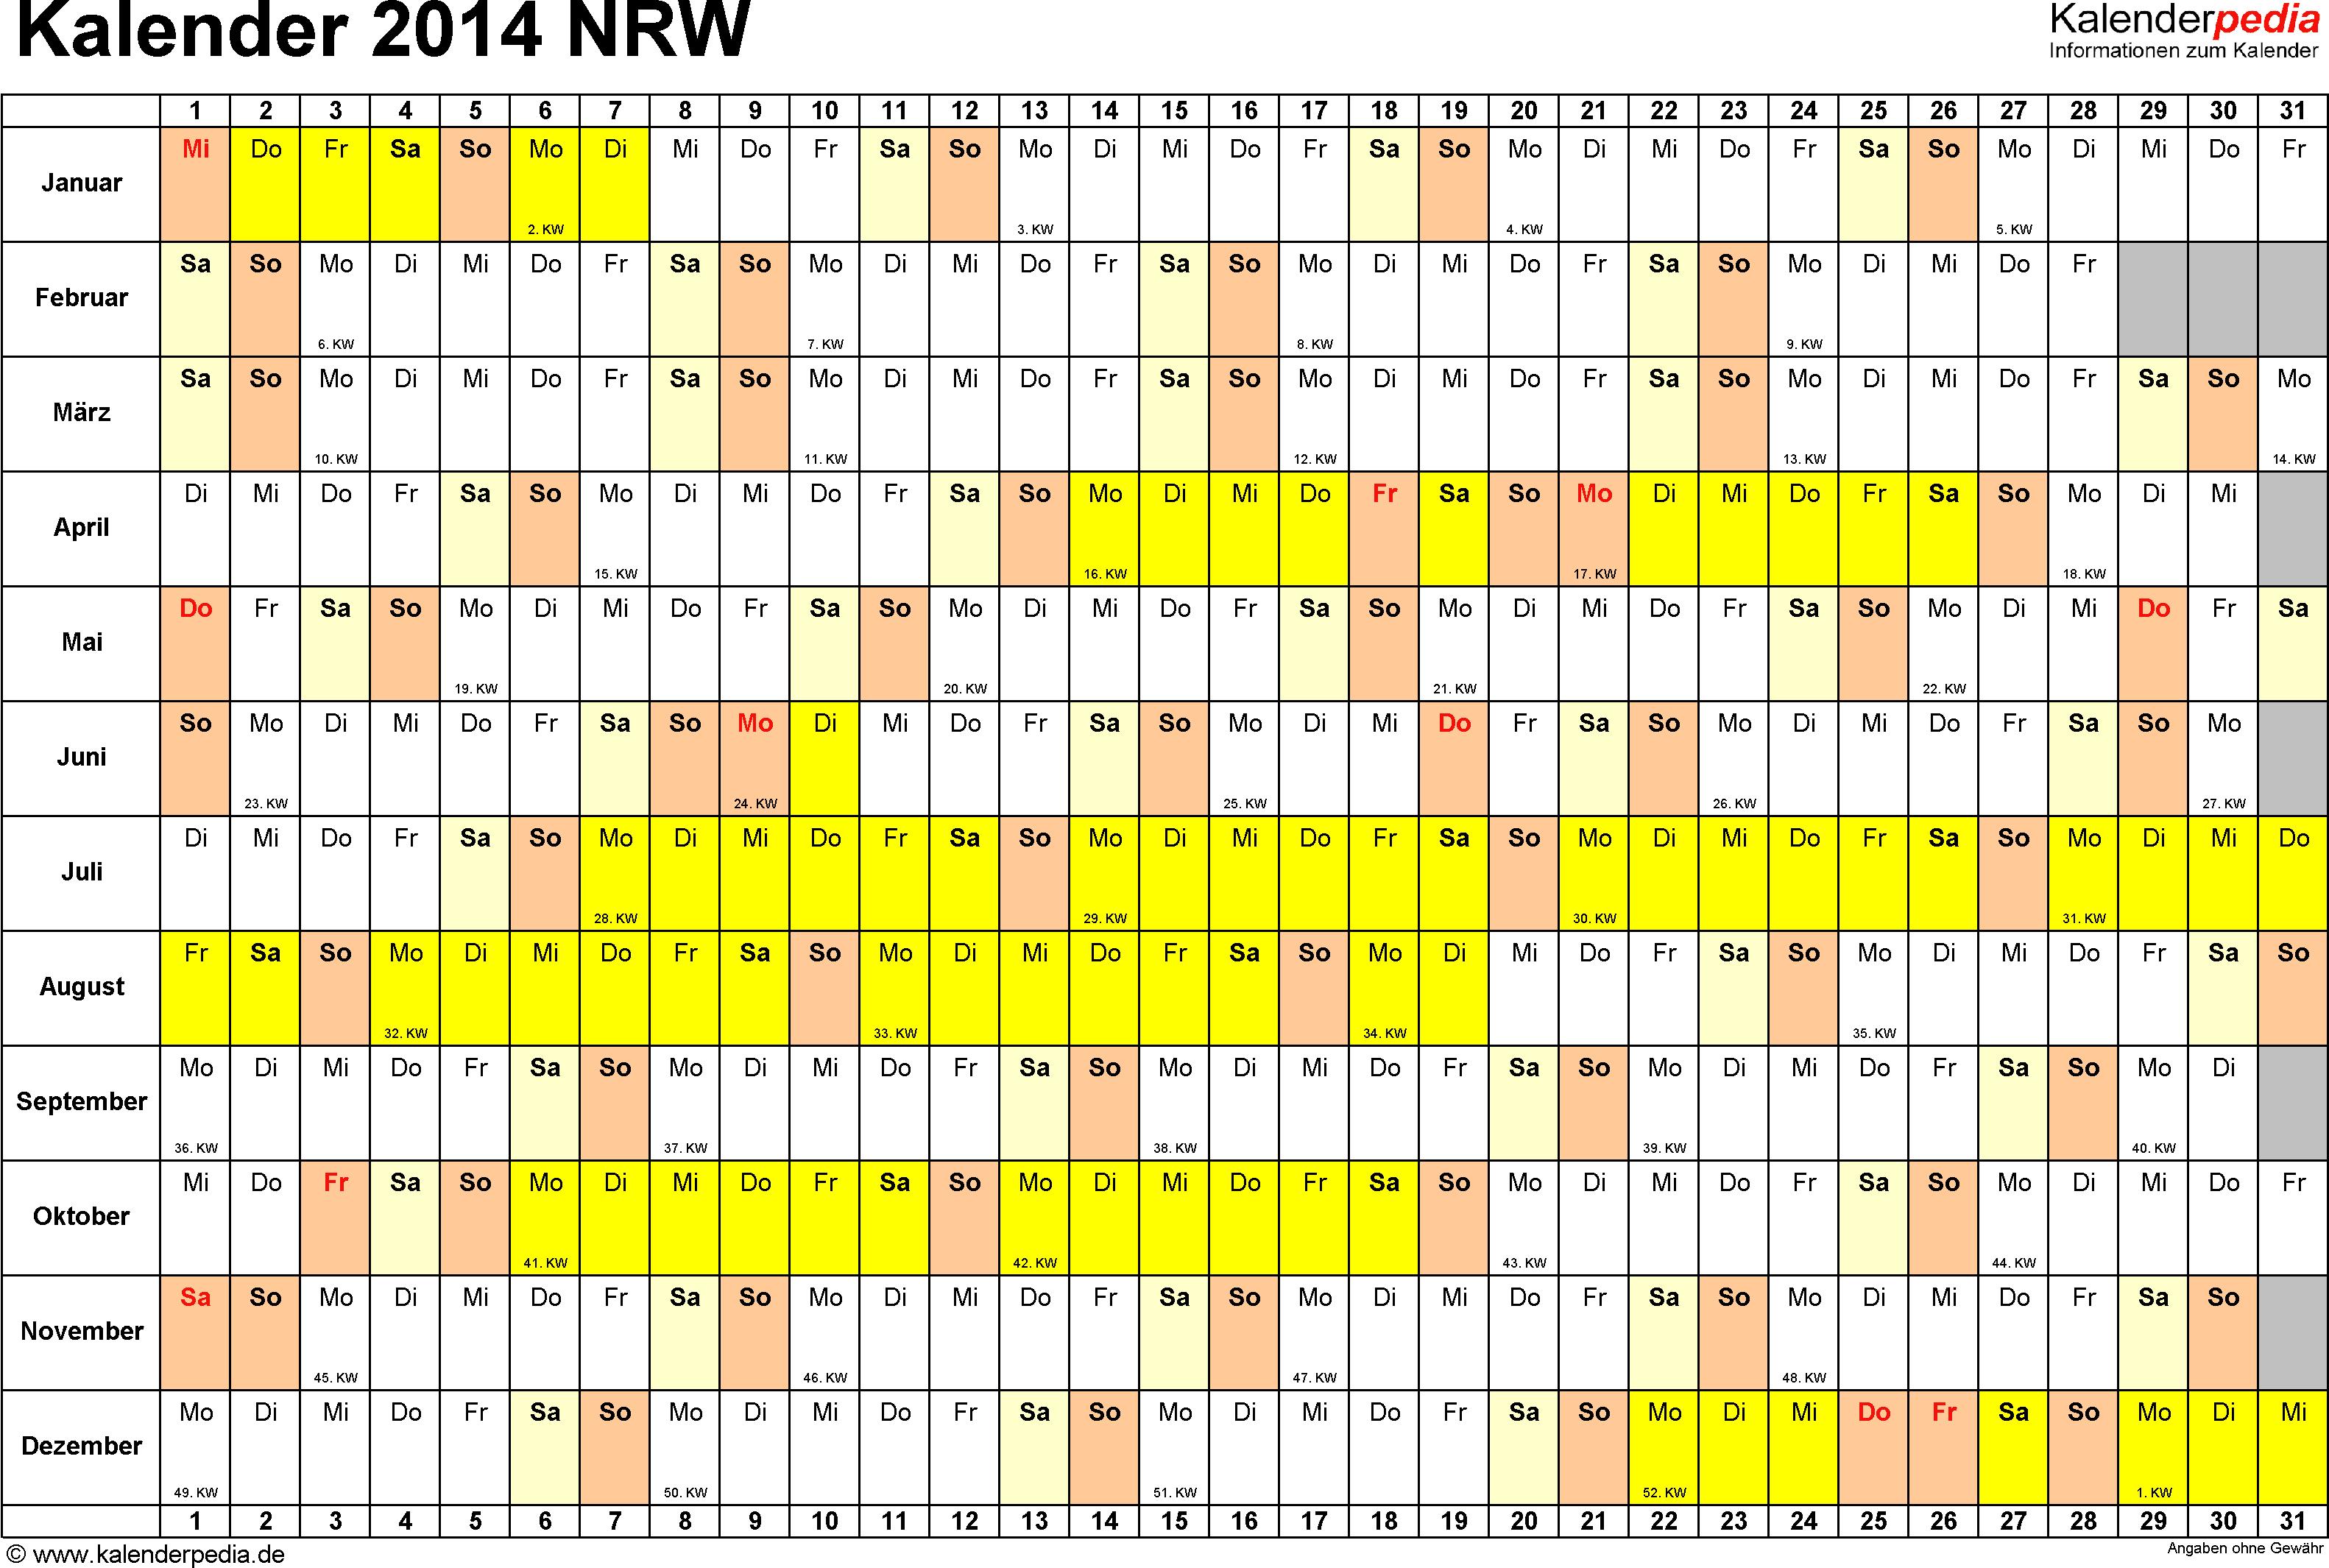 Vorlage 2 kalender nrw 2014 im querformat tage nebeneinander